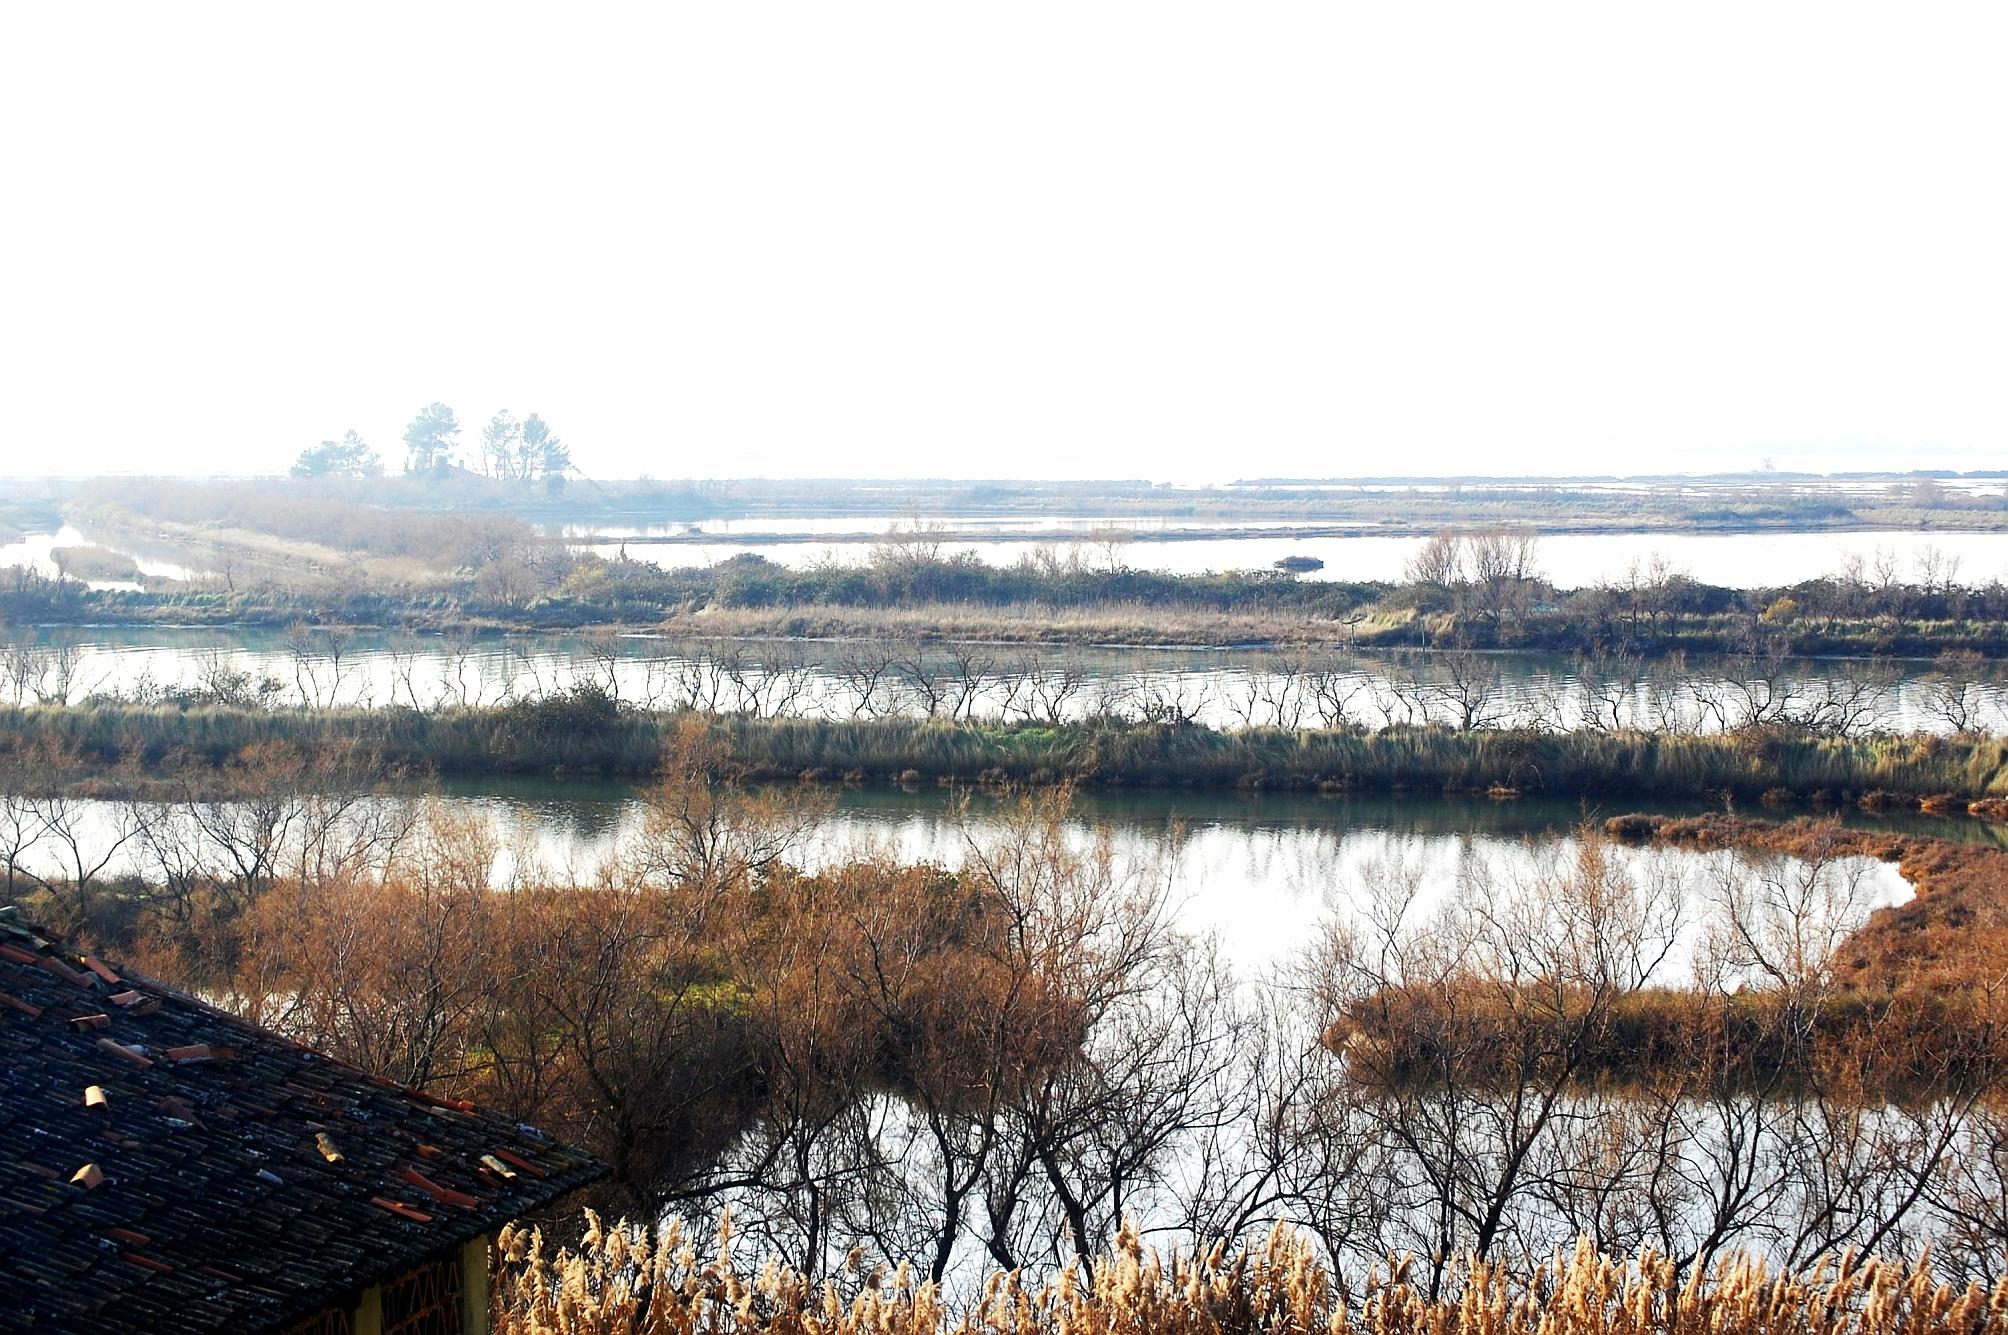 laguna; laguna di Grado; san Giuliano; die Lagune von Grado; Grado lagoon; Friuli Venezia Giulia;